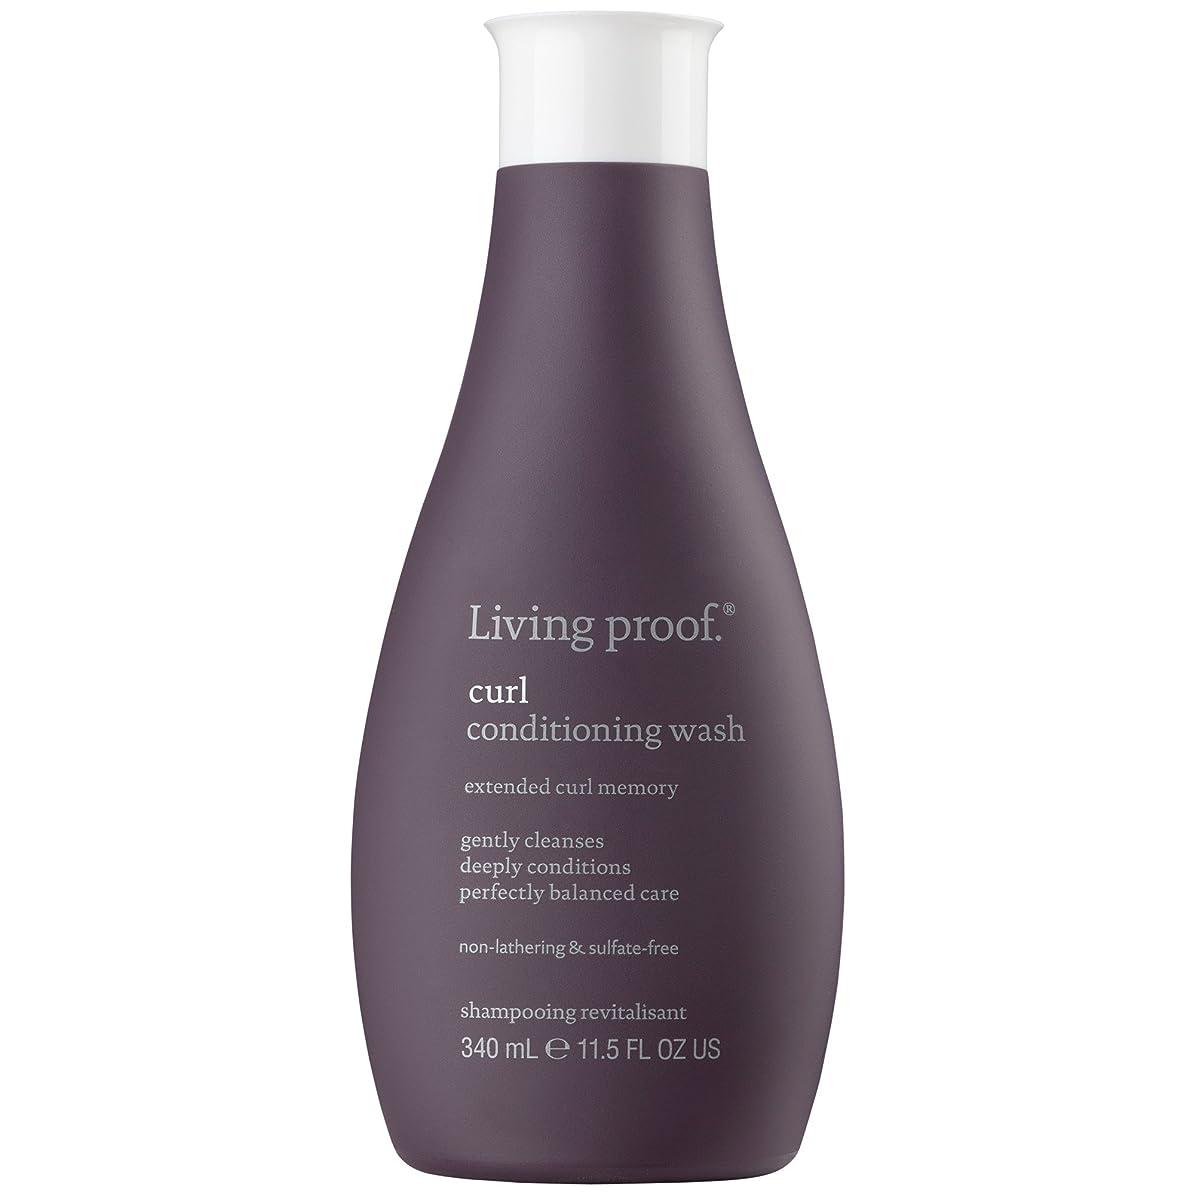 生きている証拠カールコンディショニングウォッシュ340ミリリットル (Living Proof) - Living Proof Curl Conditioning Wash 340ml [並行輸入品]